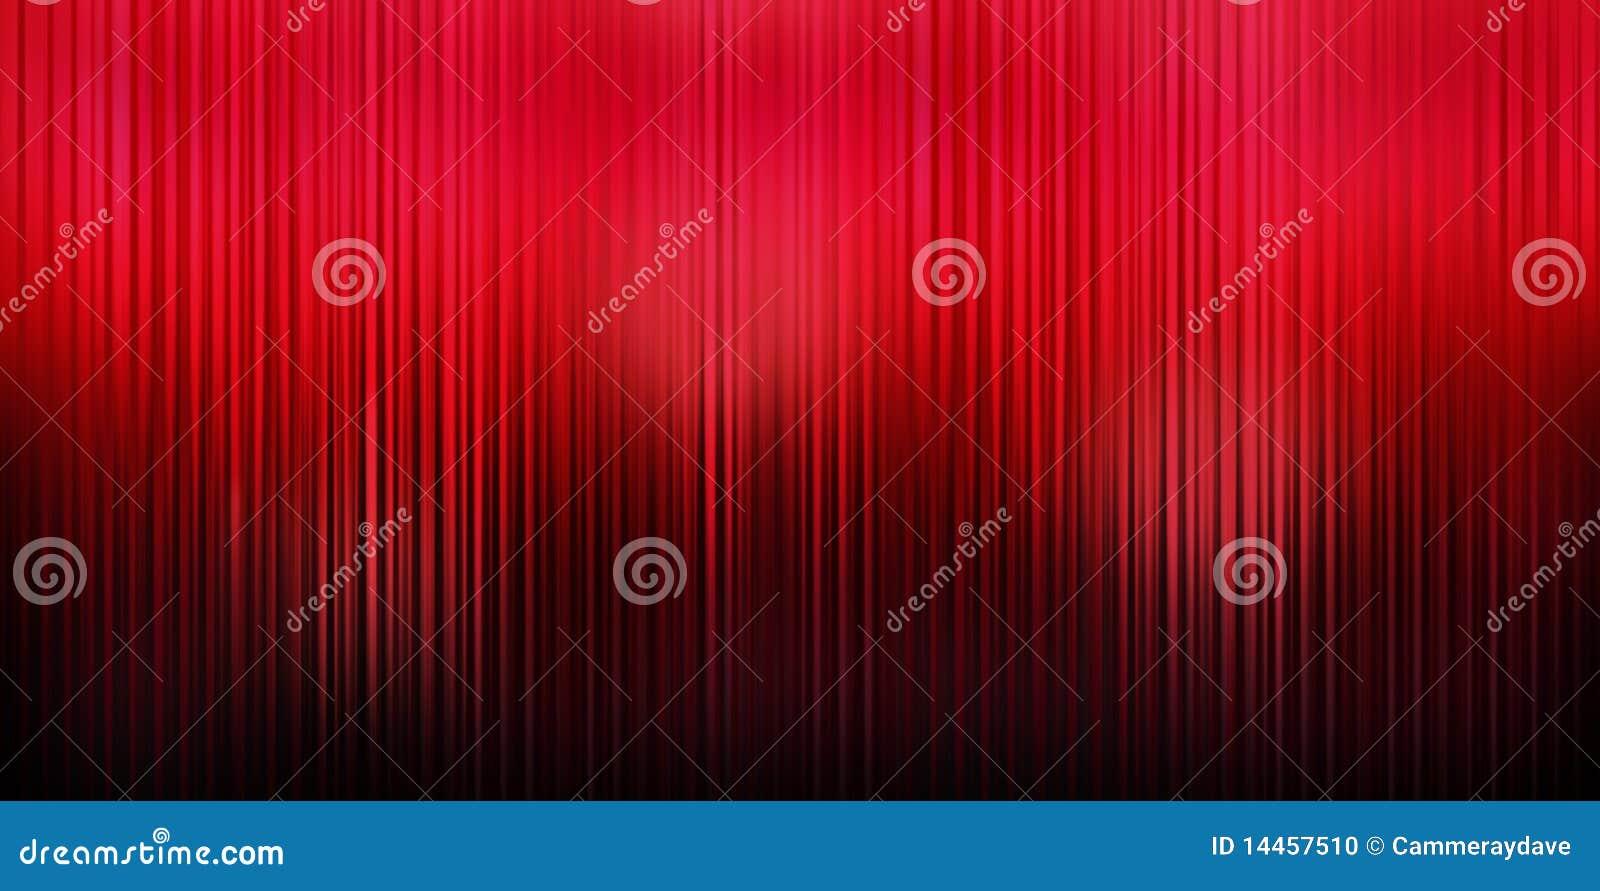 Fondo rojo de la cortina